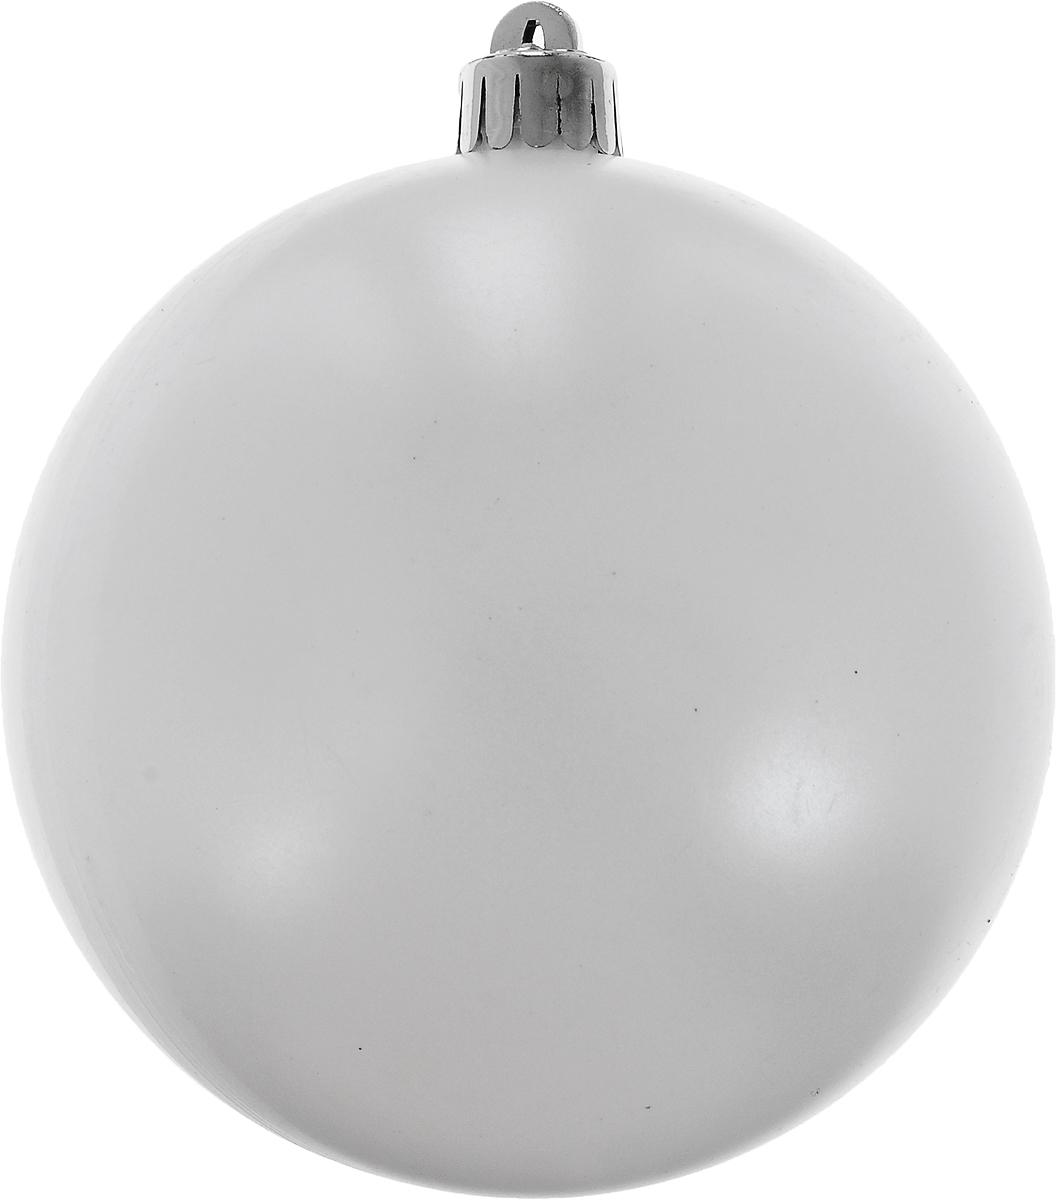 Украшение новогоднее подвесное Winter Wings Шар. Белый жемчуг, диаметр 10 смN069303Новогоднее подвесное украшение Winter Wings Шар. Белый жемчуг выполнено из пластика в виде шара. С помощью специальной петельки украшение можно повесить в любом понравившемся вам месте. Но, конечно, удачнее всего оно будет смотреться на праздничной елке.Елочная игрушка - символ Нового года. Она несет в себе волшебство и красоту праздника. Создайте в своем доме атмосферу веселья и радости, украшая новогоднюю елку нарядными игрушками, которые будут из года в год накапливать теплоту воспоминаний.